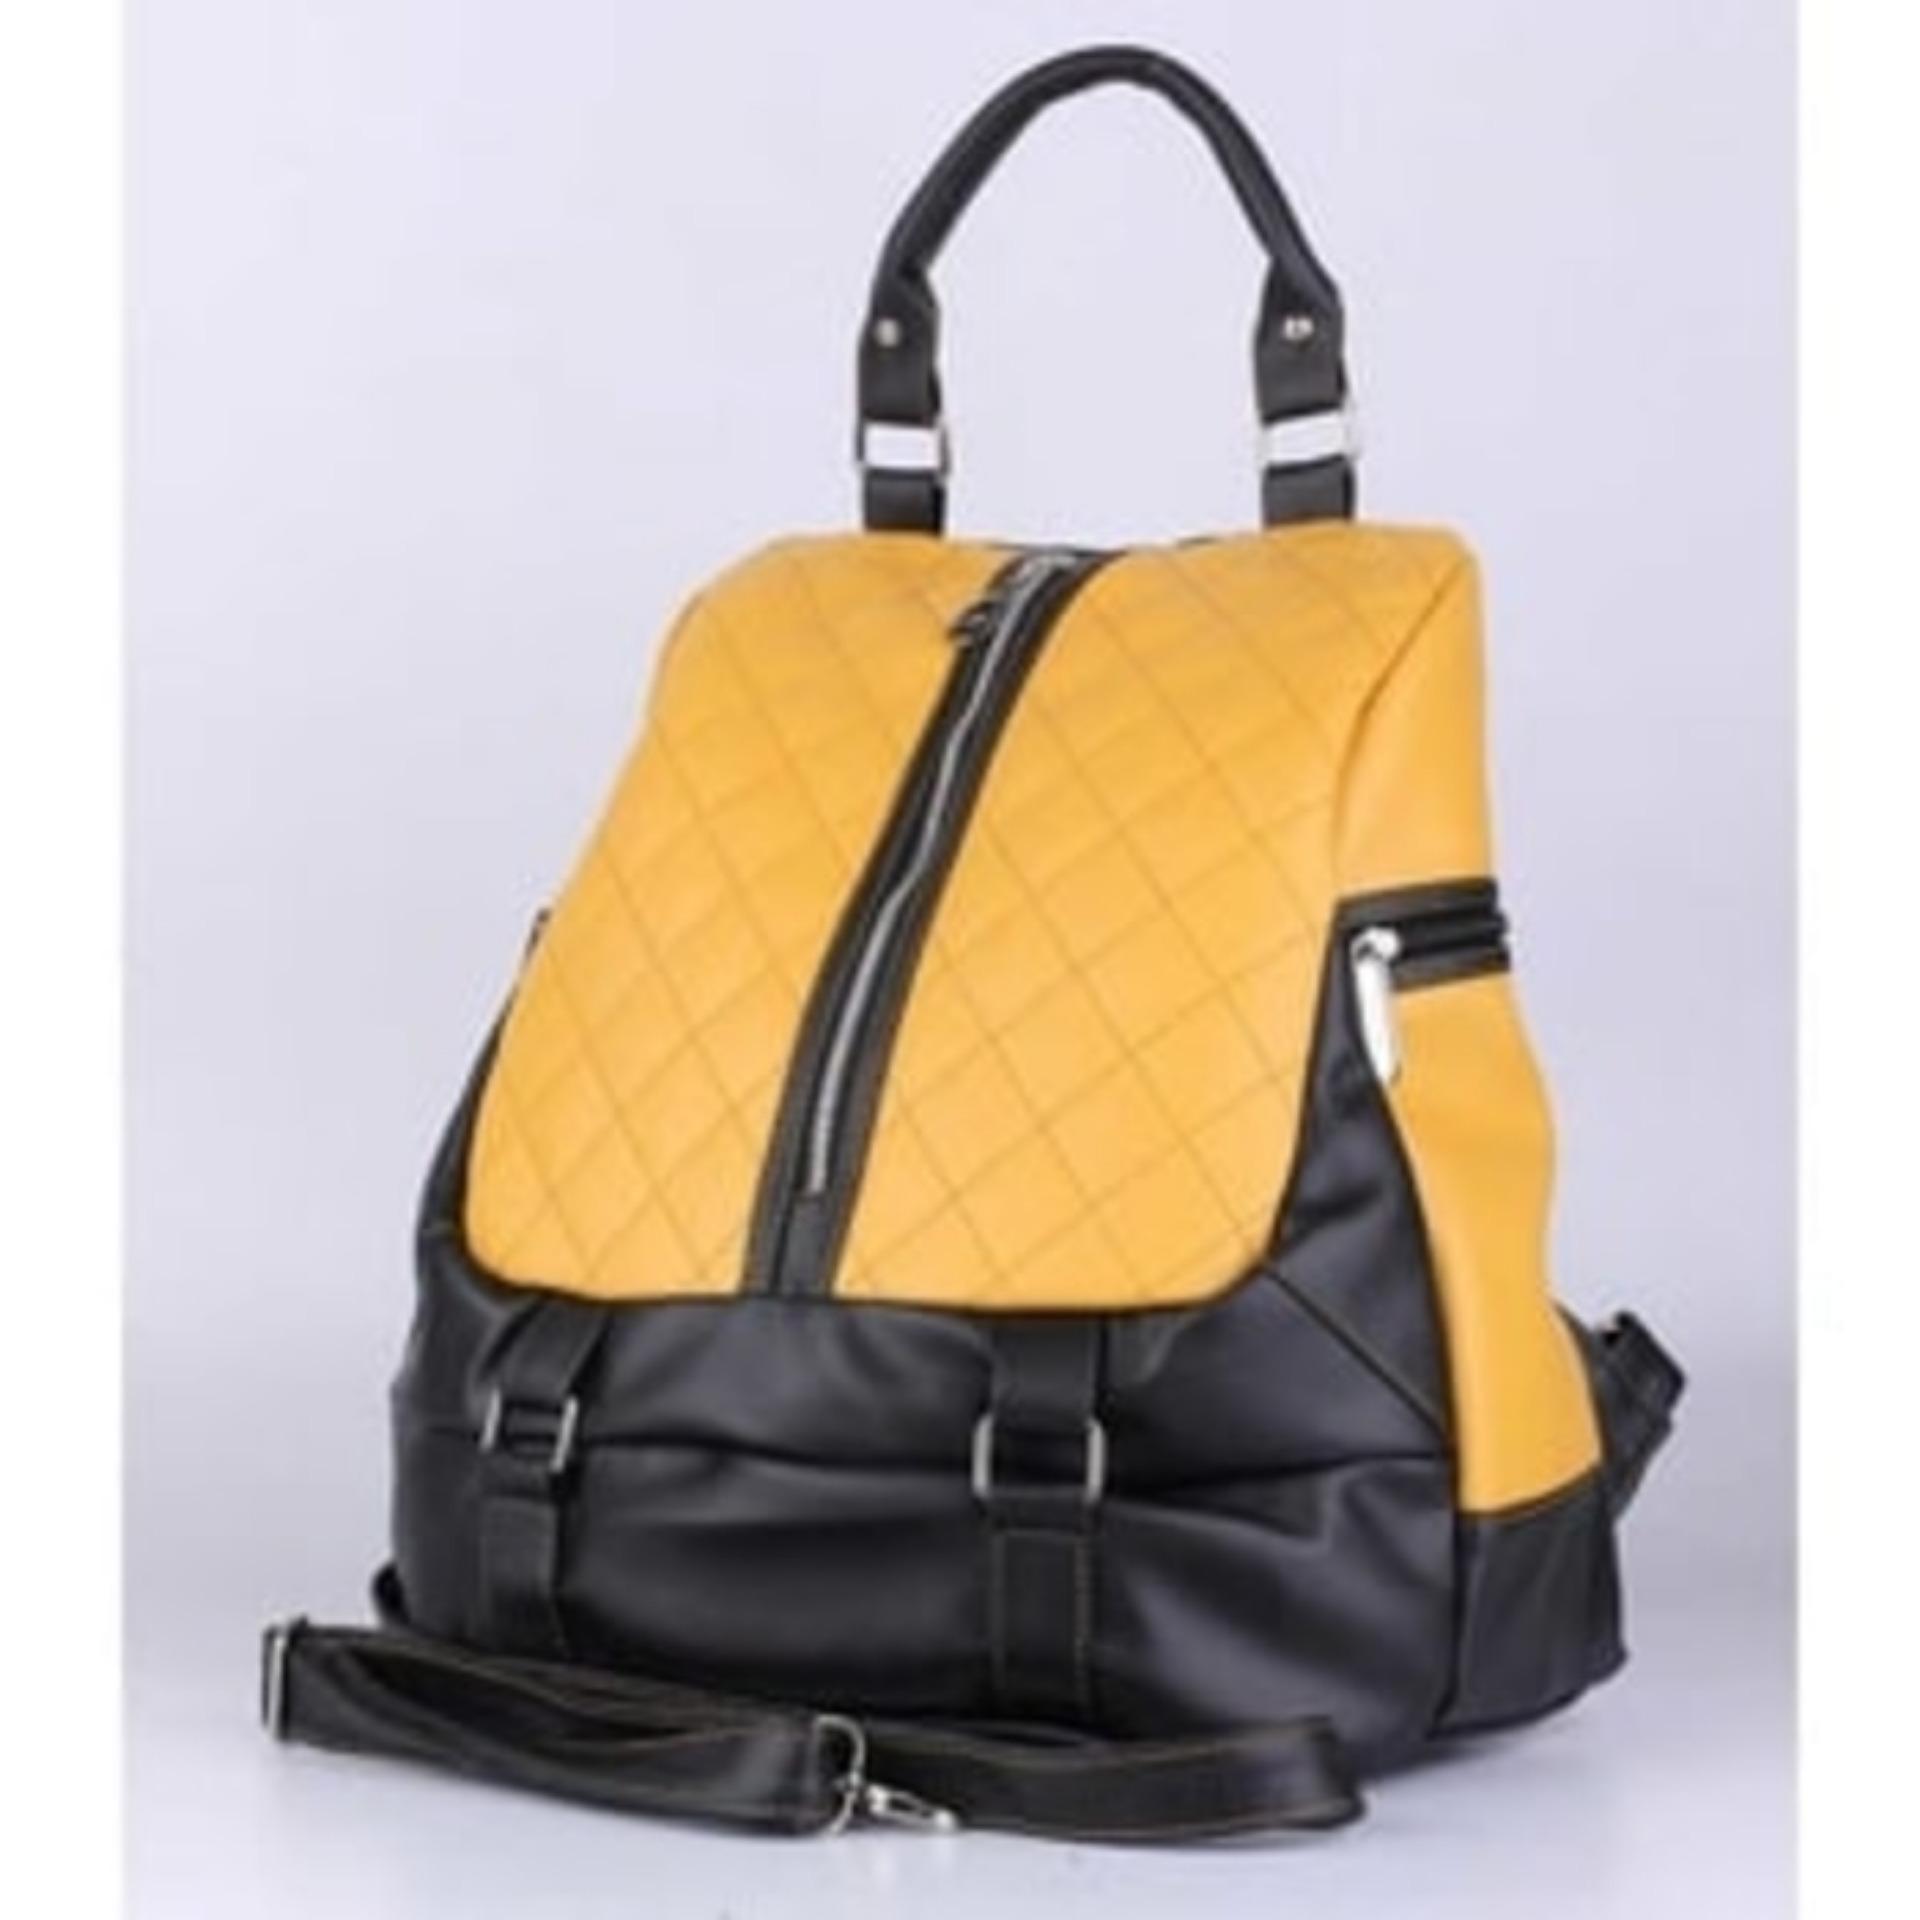 Tas Wanita Terbaru TREMURAH - Tas Hand Bag Bisa Gendong ORIGINAL ctz